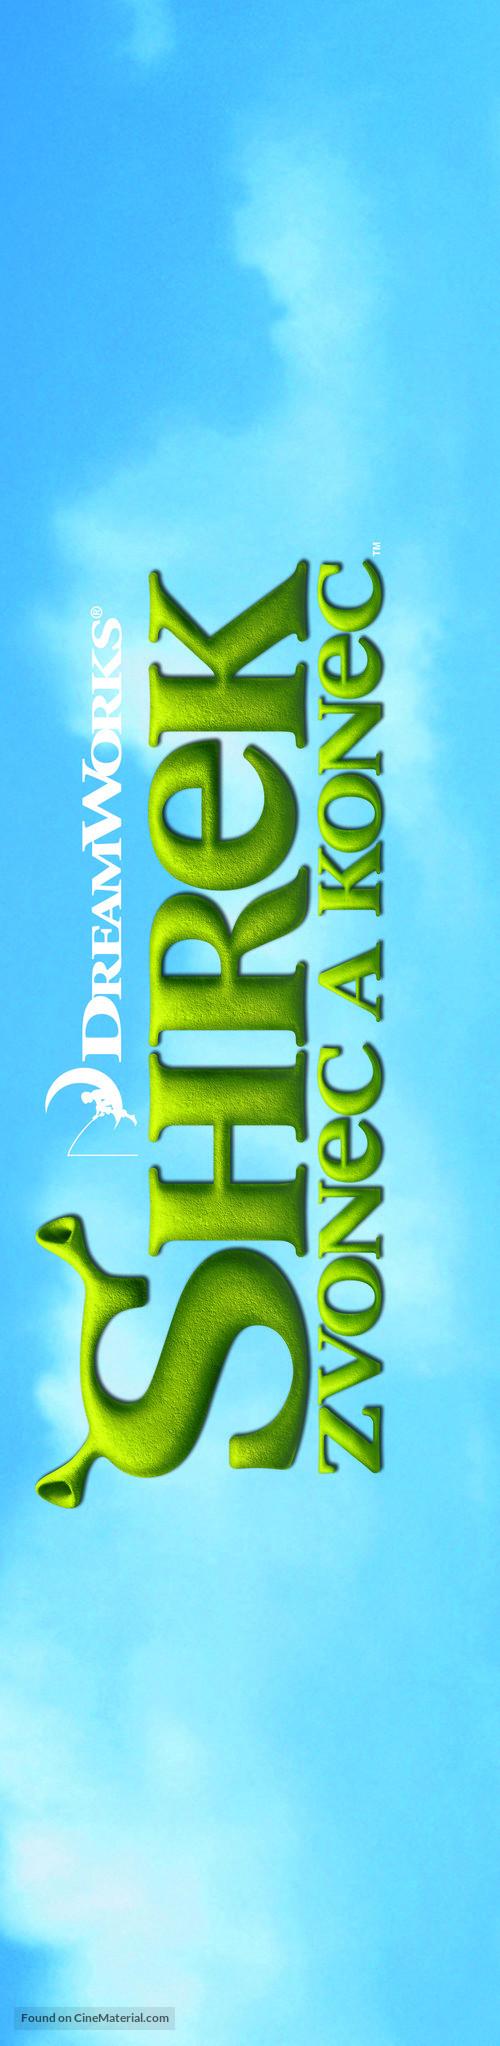 Shrek Forever After - Czech Logo